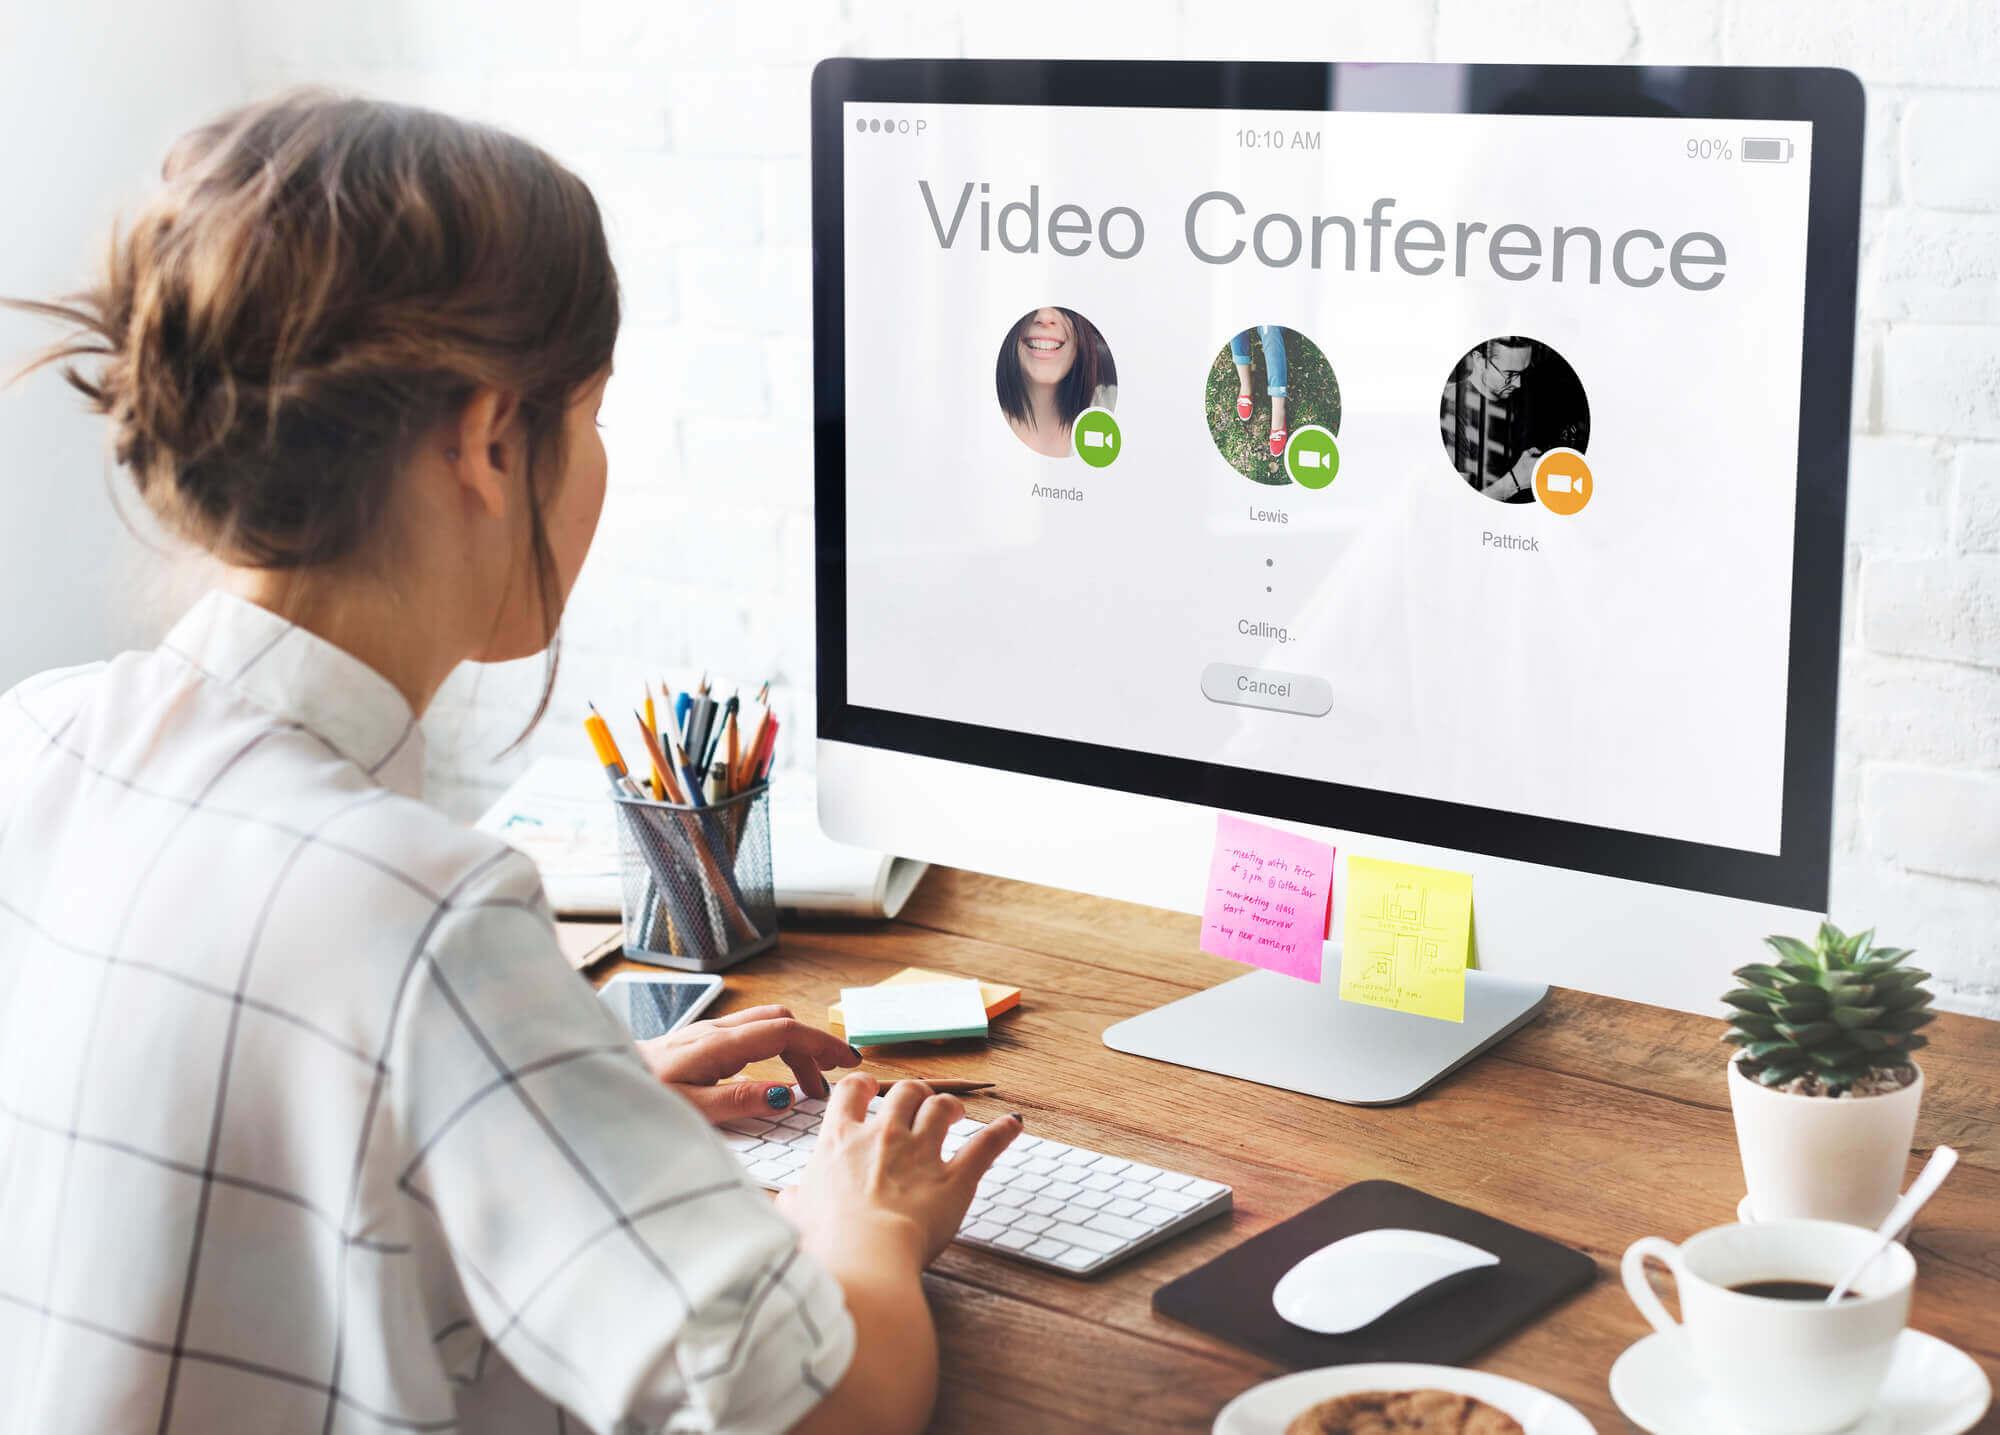 сервис видеоконференций